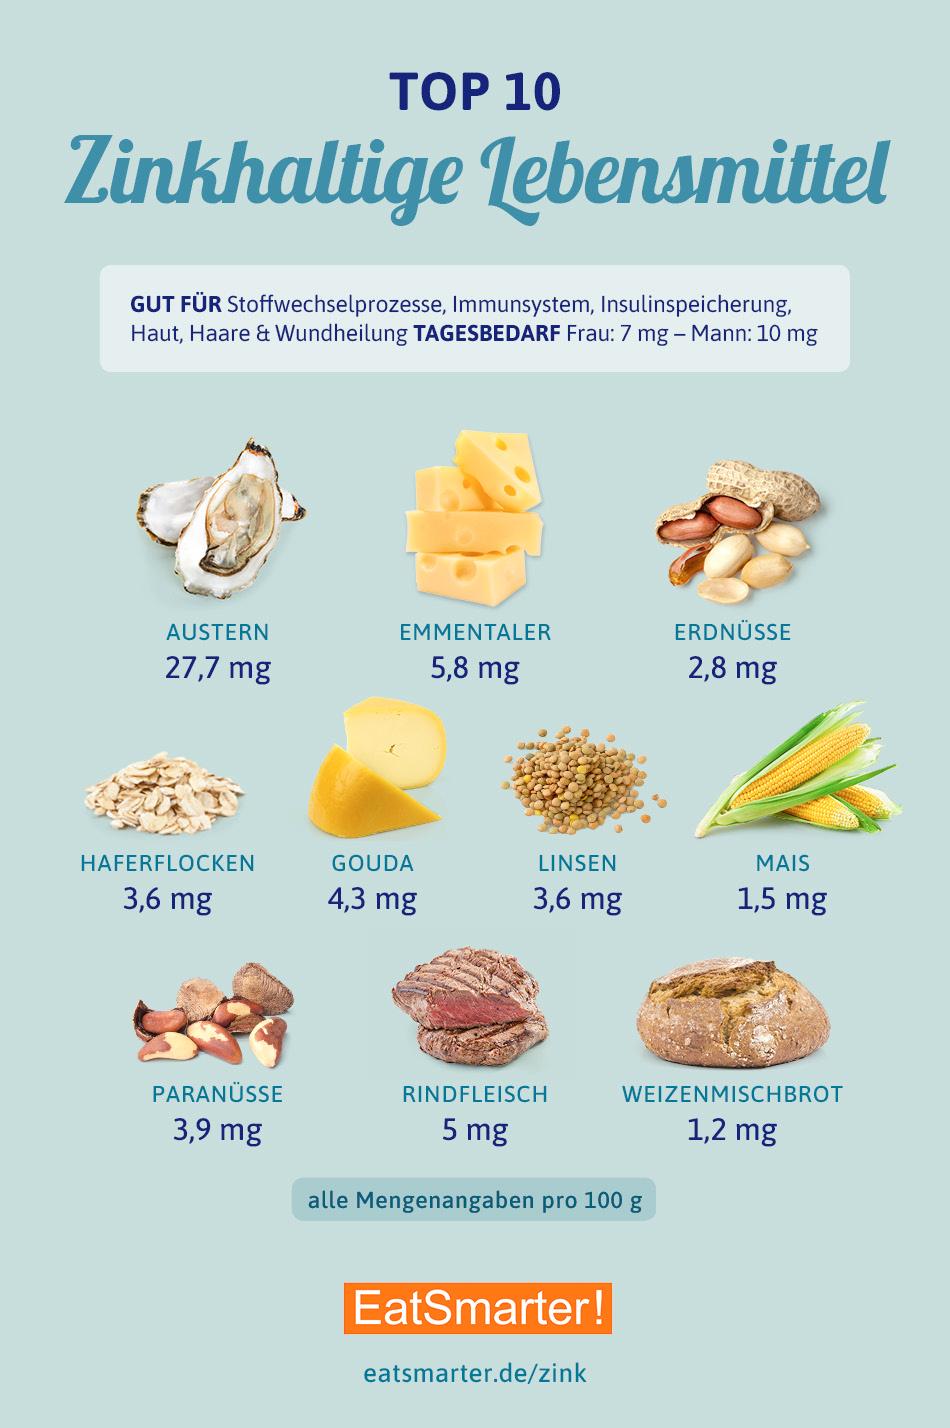 Die besten 10 zinkhaltigen Lebensmittel #nutrition